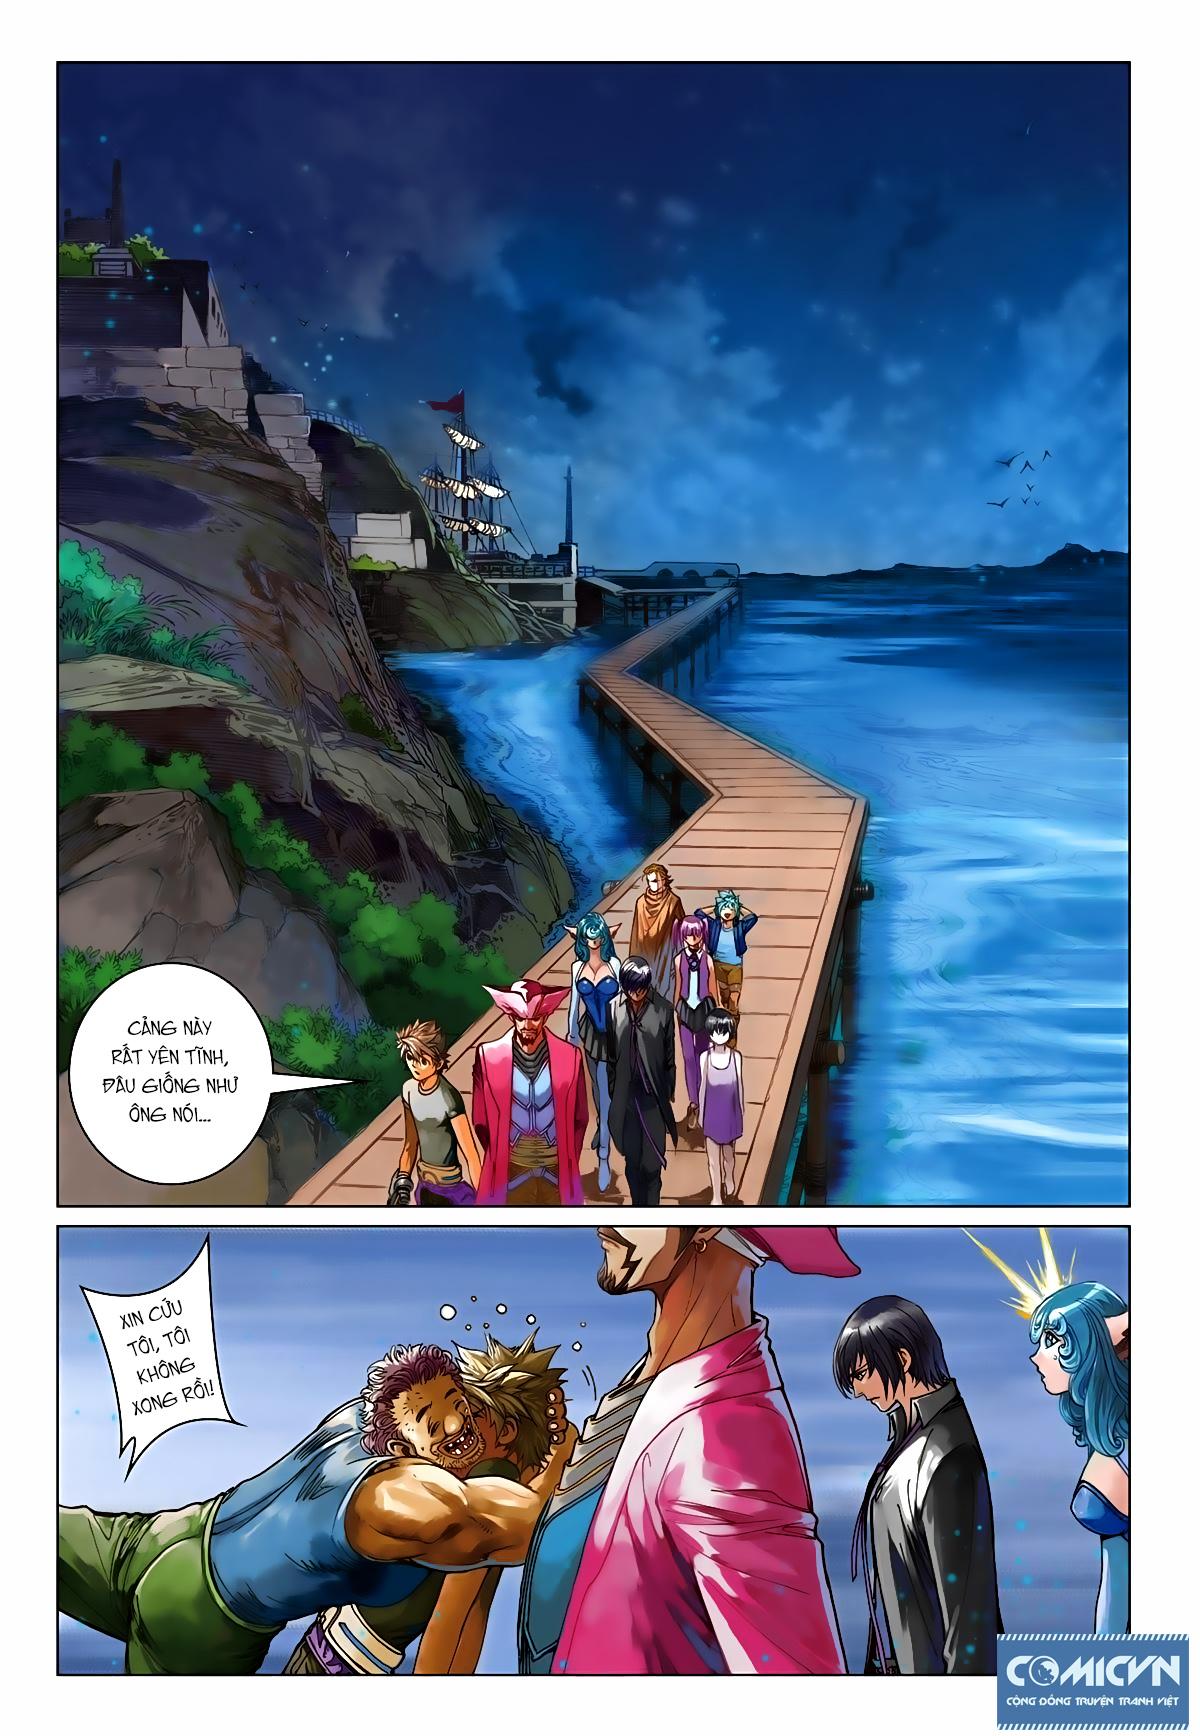 xem truyen moi - BRON OF BRAVE (Tái Tạo Không Gian) - Chapter 26: Lời nguyền Huyết Tộc